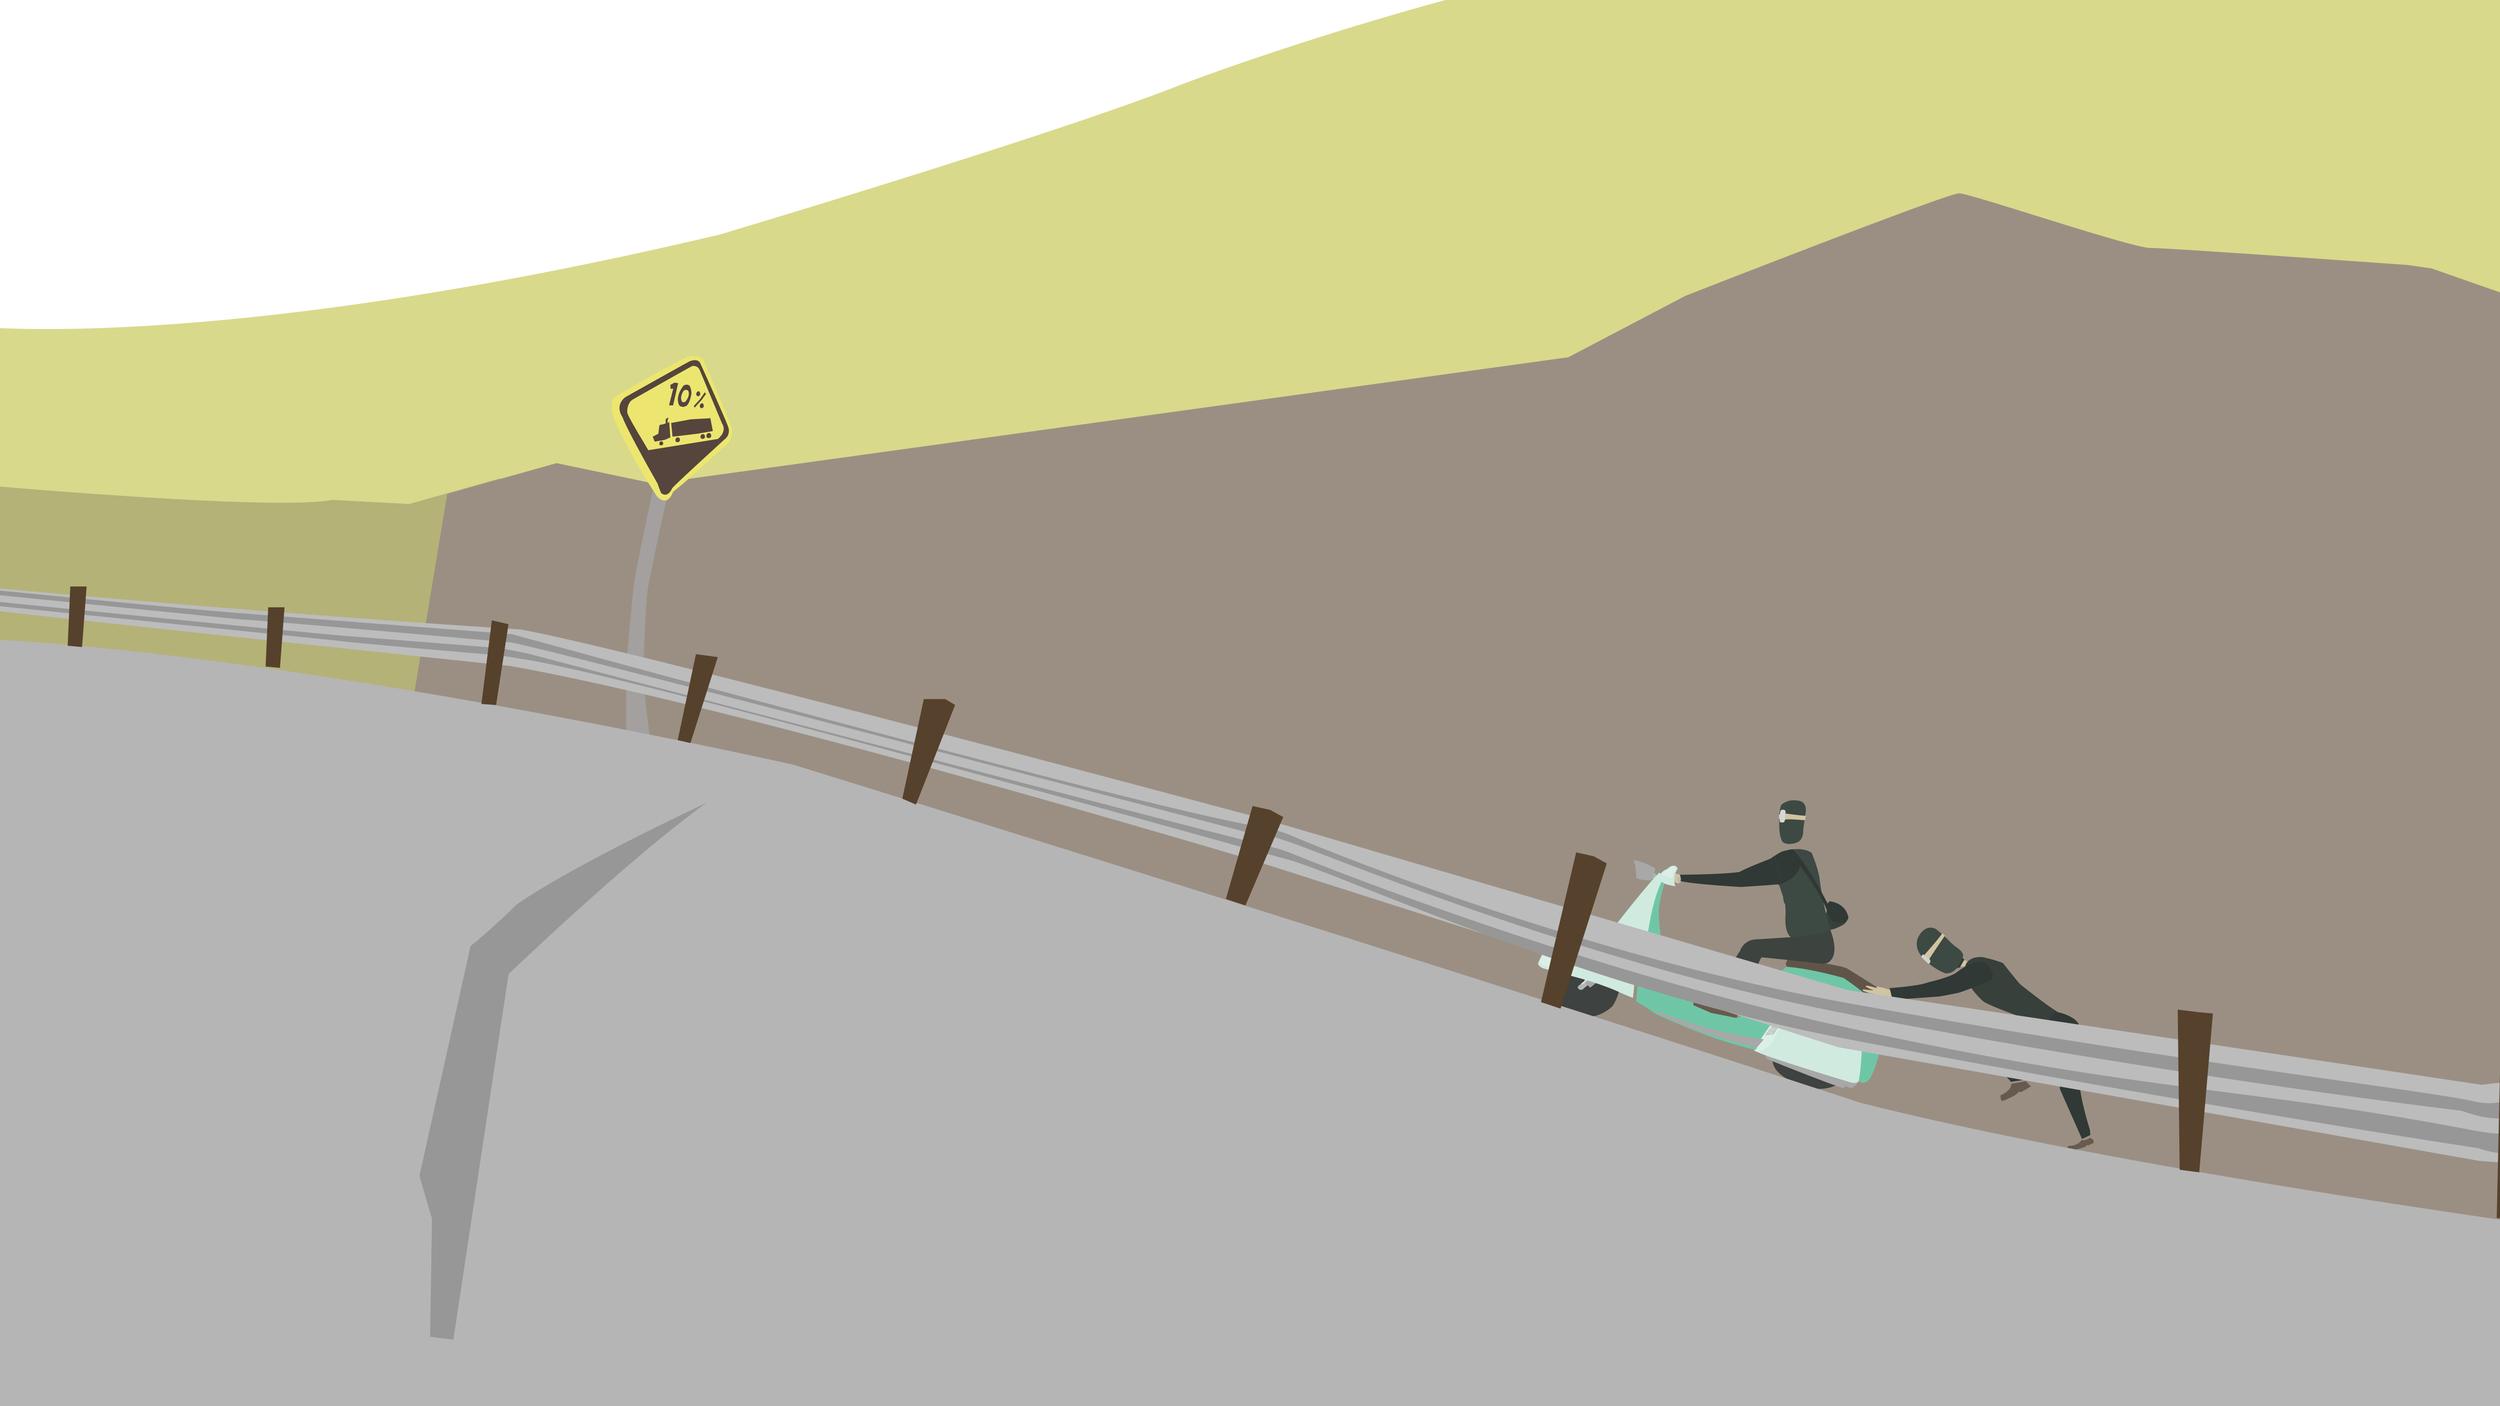 roadtrip_4_web.jpg